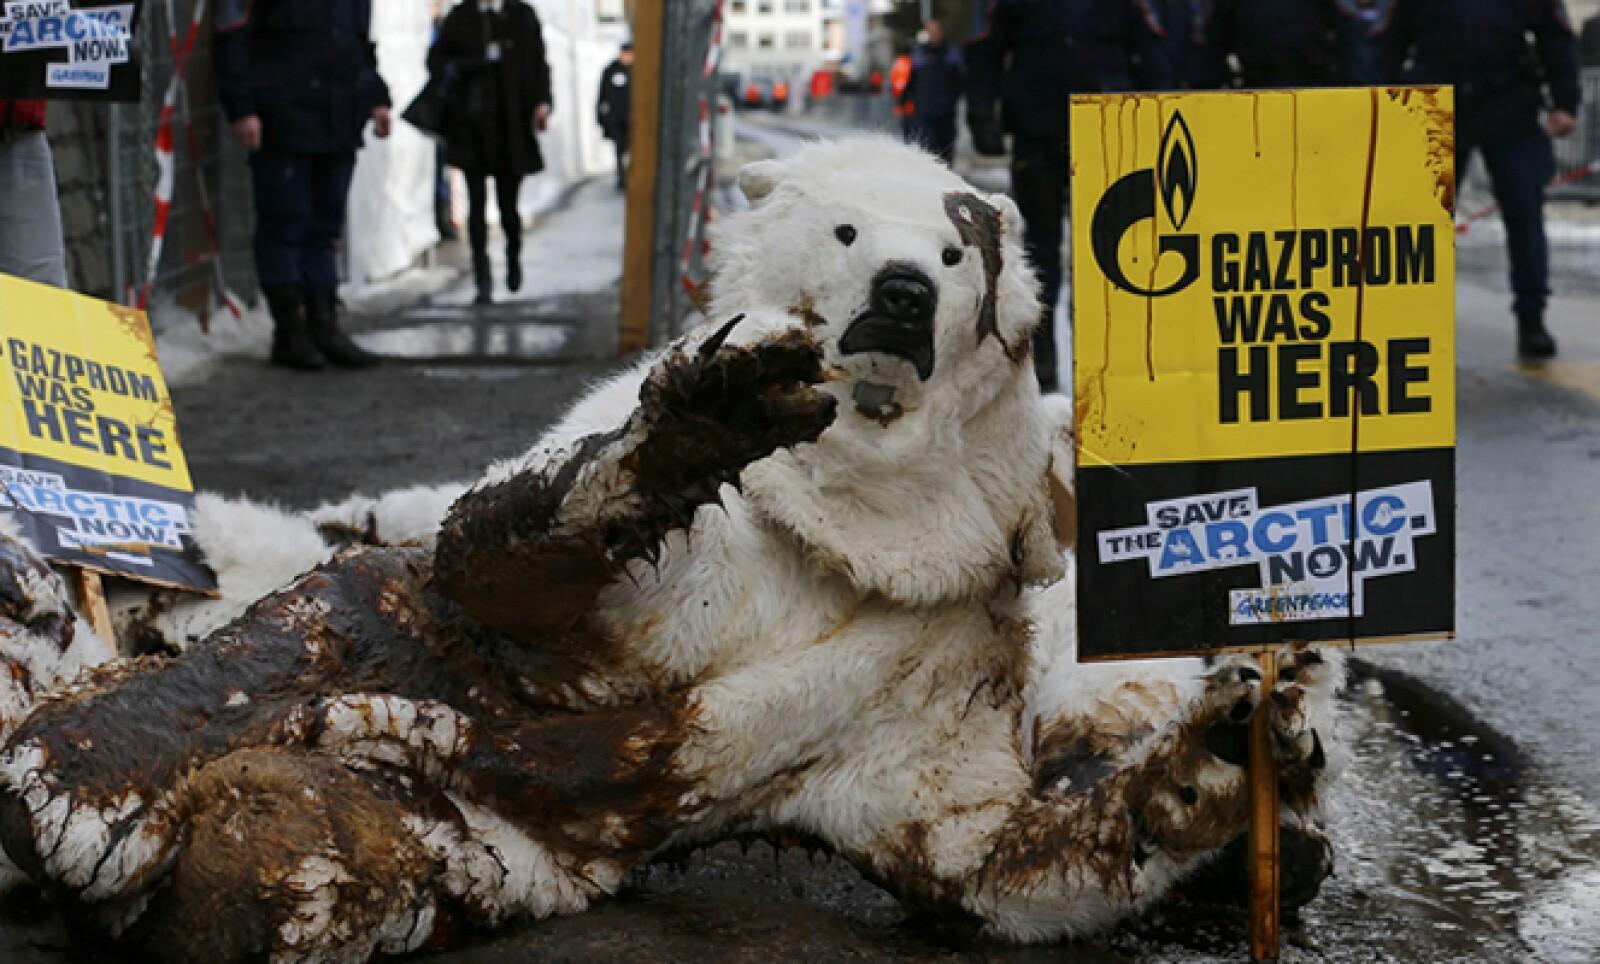 Activistas de Greenpeace vestidos de osos polares protestan cerca del WEF contra los derrames petroleros.